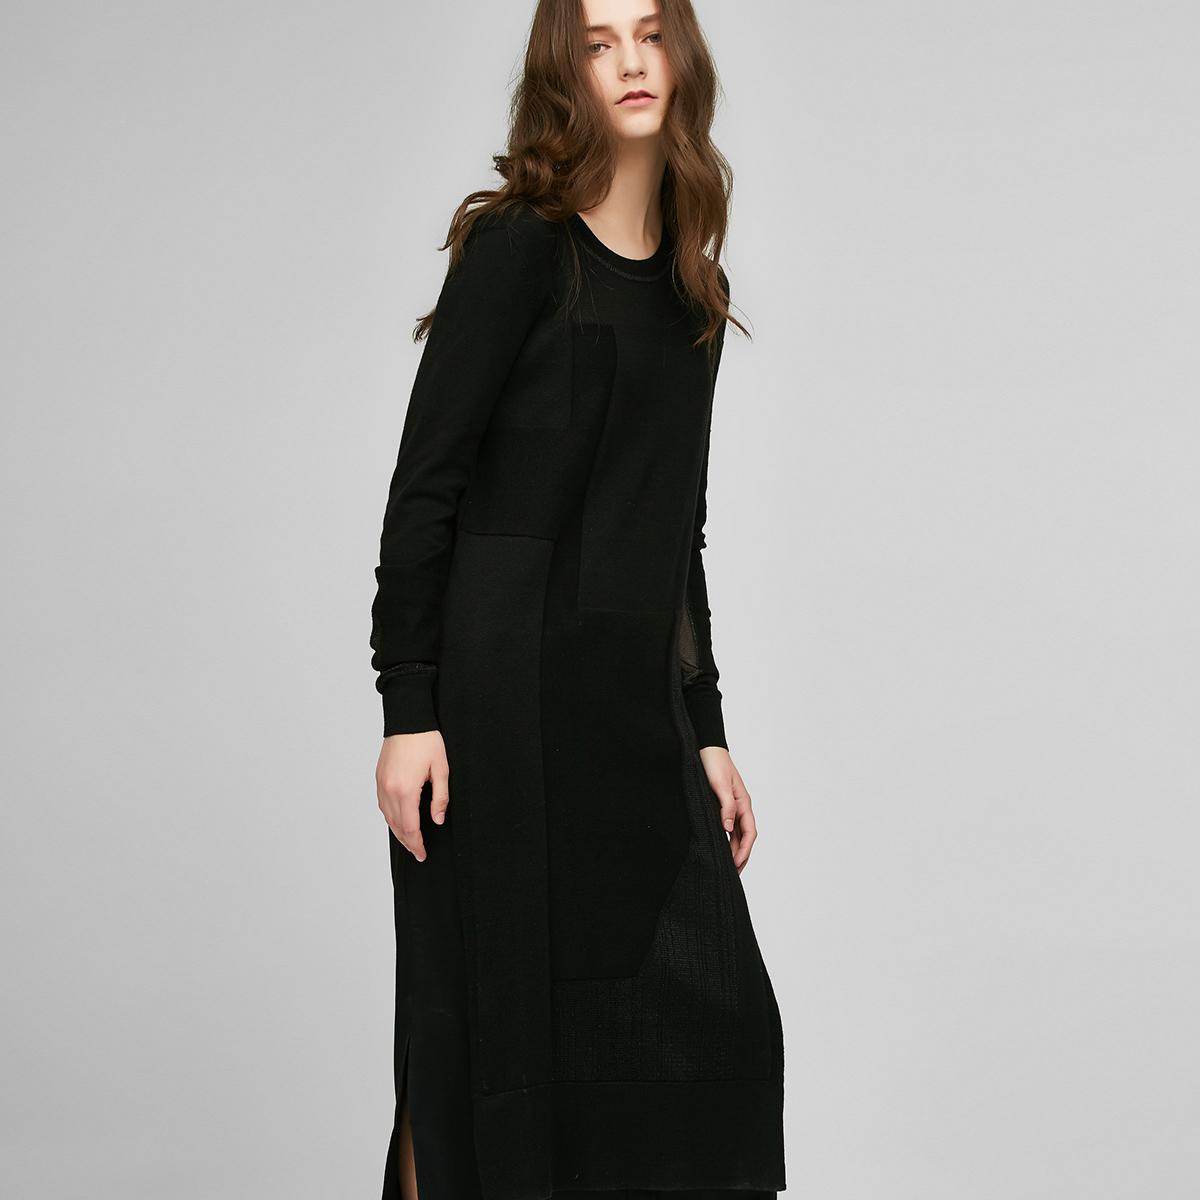 黑色针织衫 SELECTED思莱德前长后短拼接针织衫女G-417124514_推荐淘宝好看的黑色针织衫